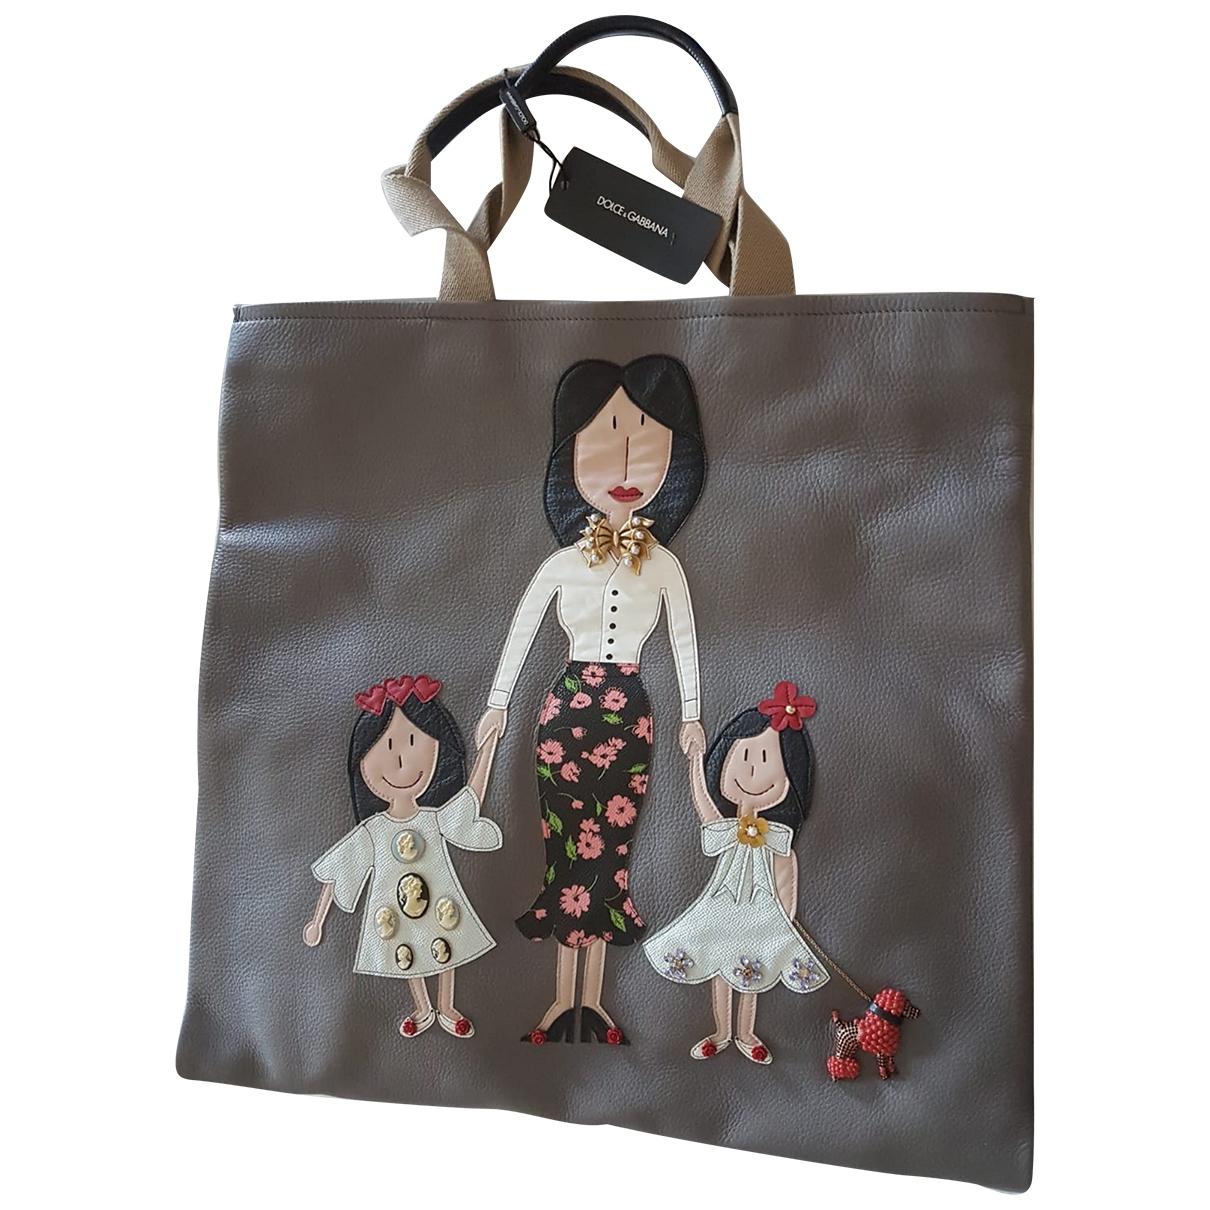 Dolce & Gabbana \N Handtasche in  Anthrazit Leder